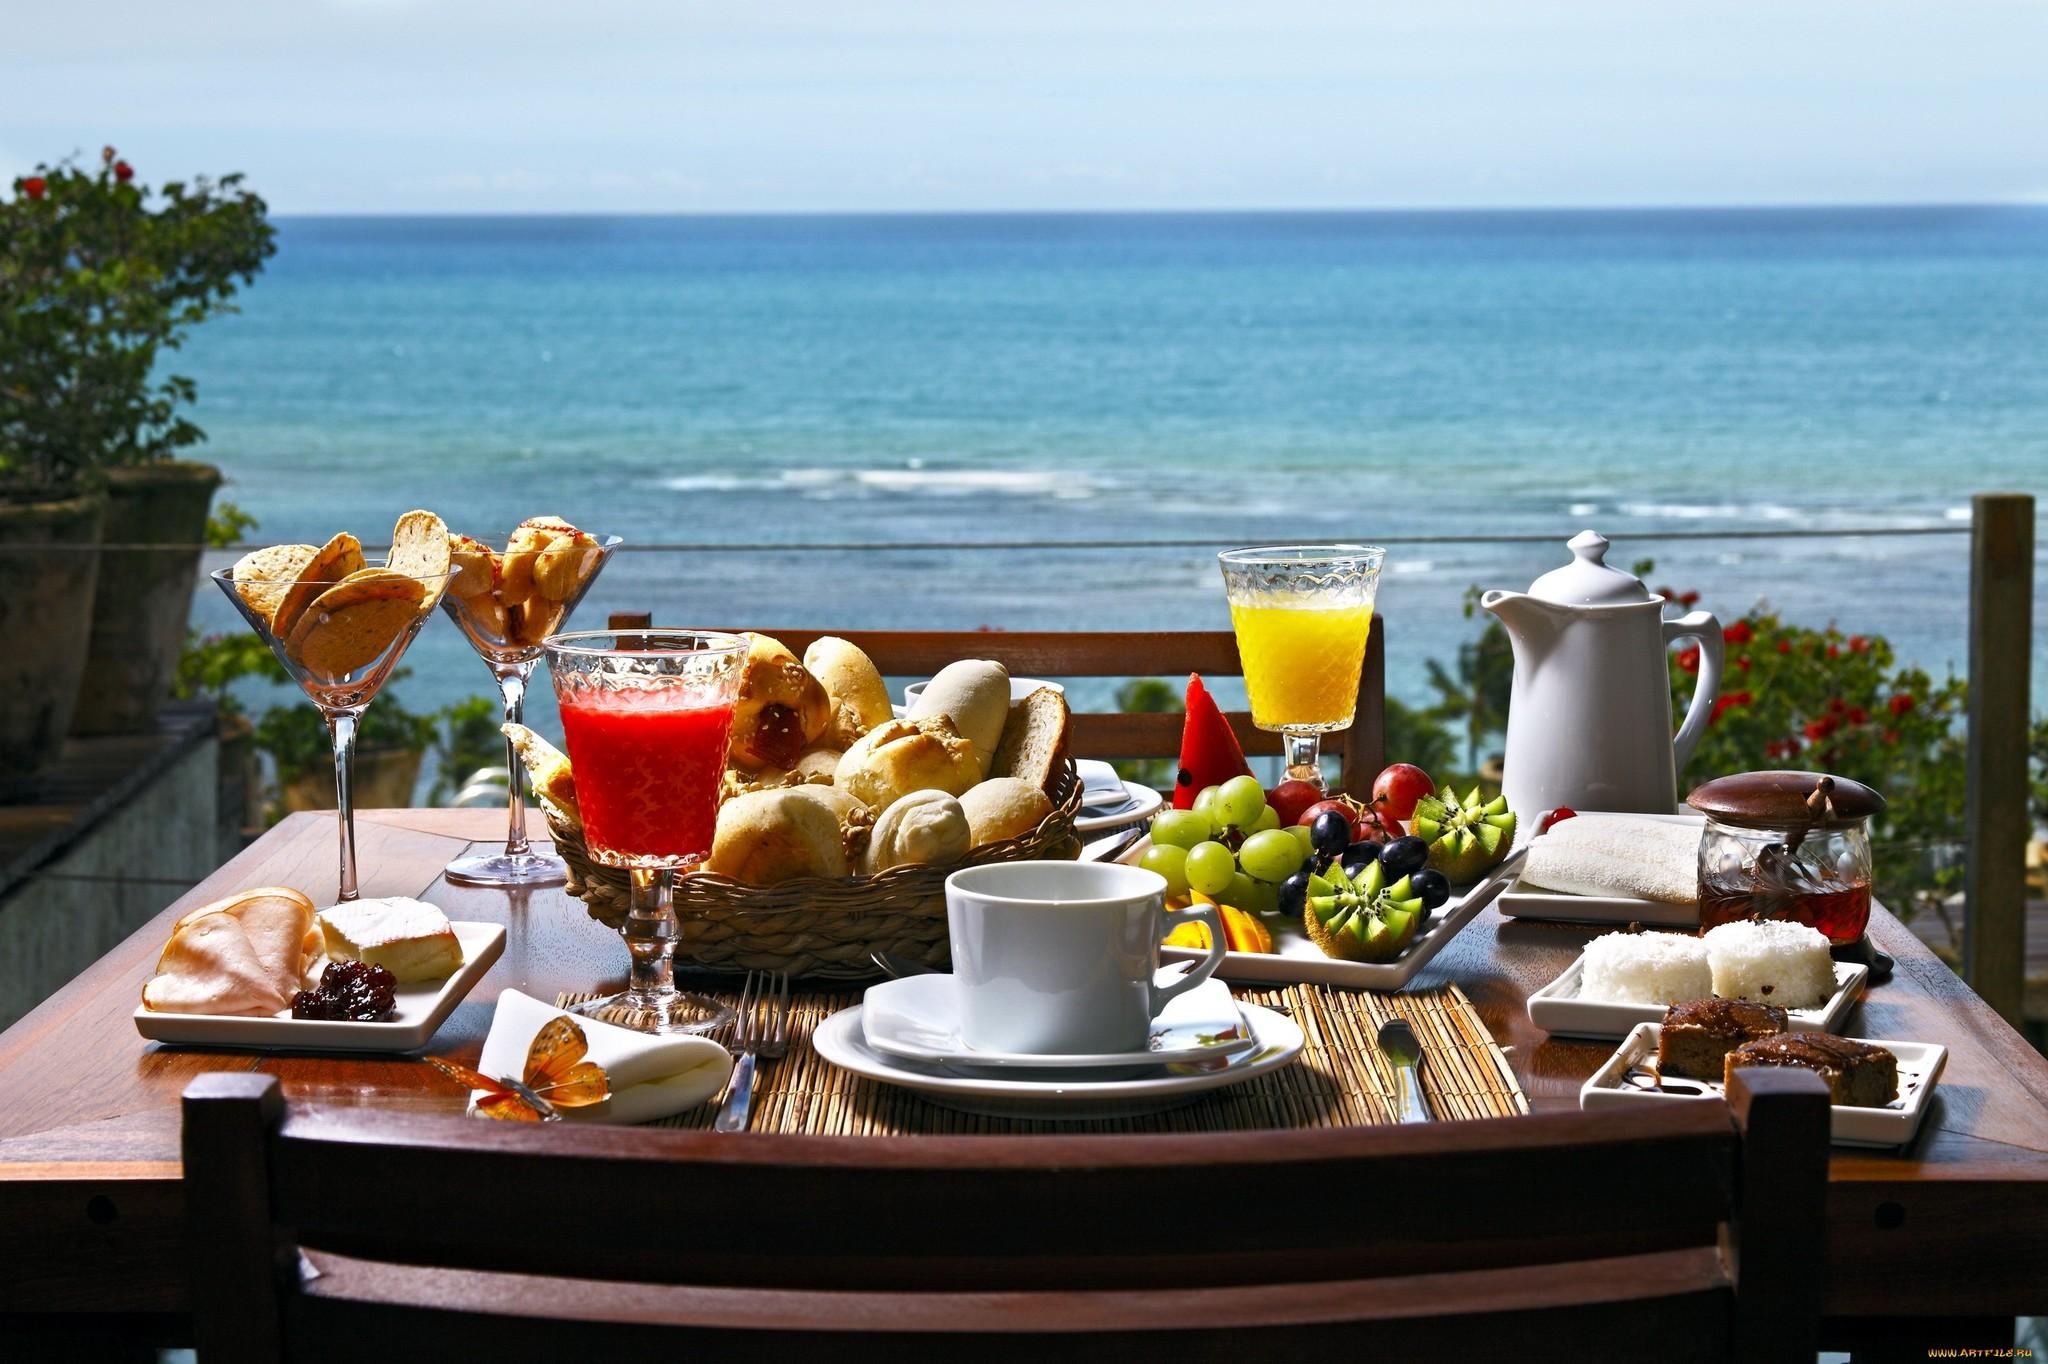 Красивый завтрак у моря картинки думают